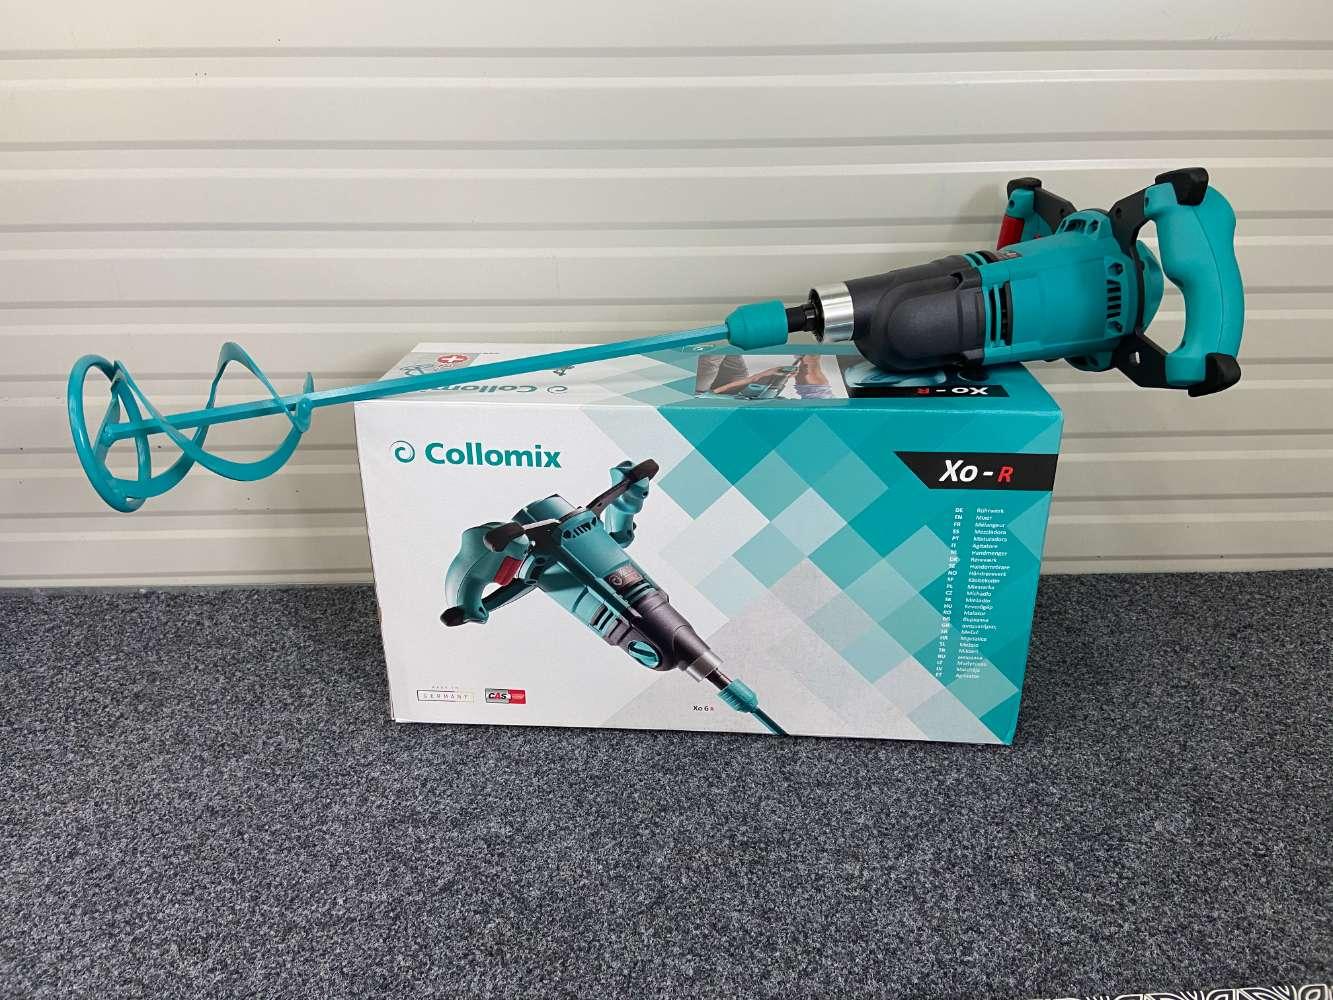 Collomix Handrührwerk Xo4 R HF